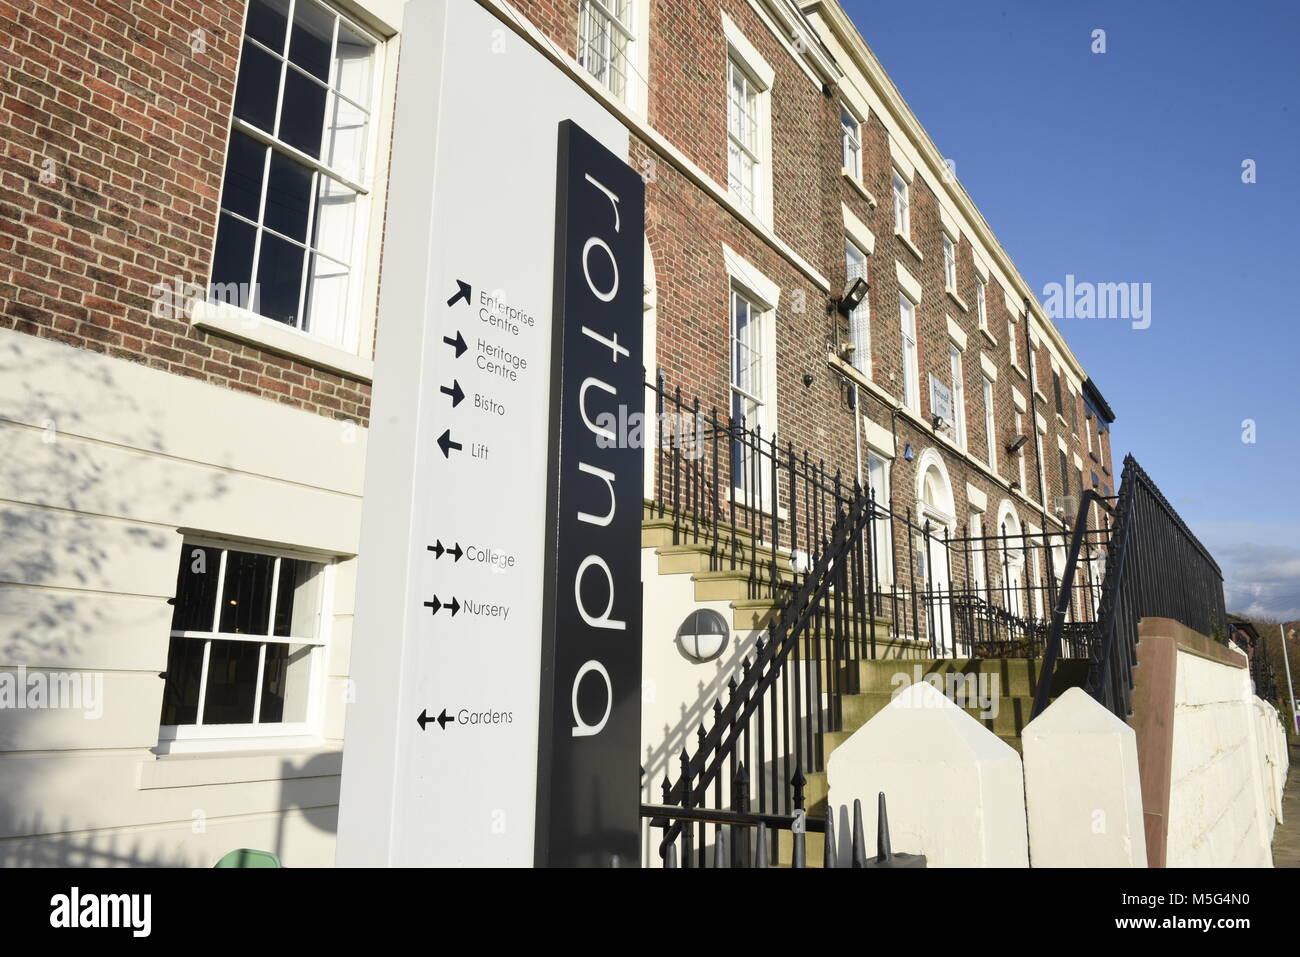 La rotonde, un collège à Liverpool, 109 Grand Mersey St, Liverpool L5 2PL. C'est un centre d'éducation Photo Stock